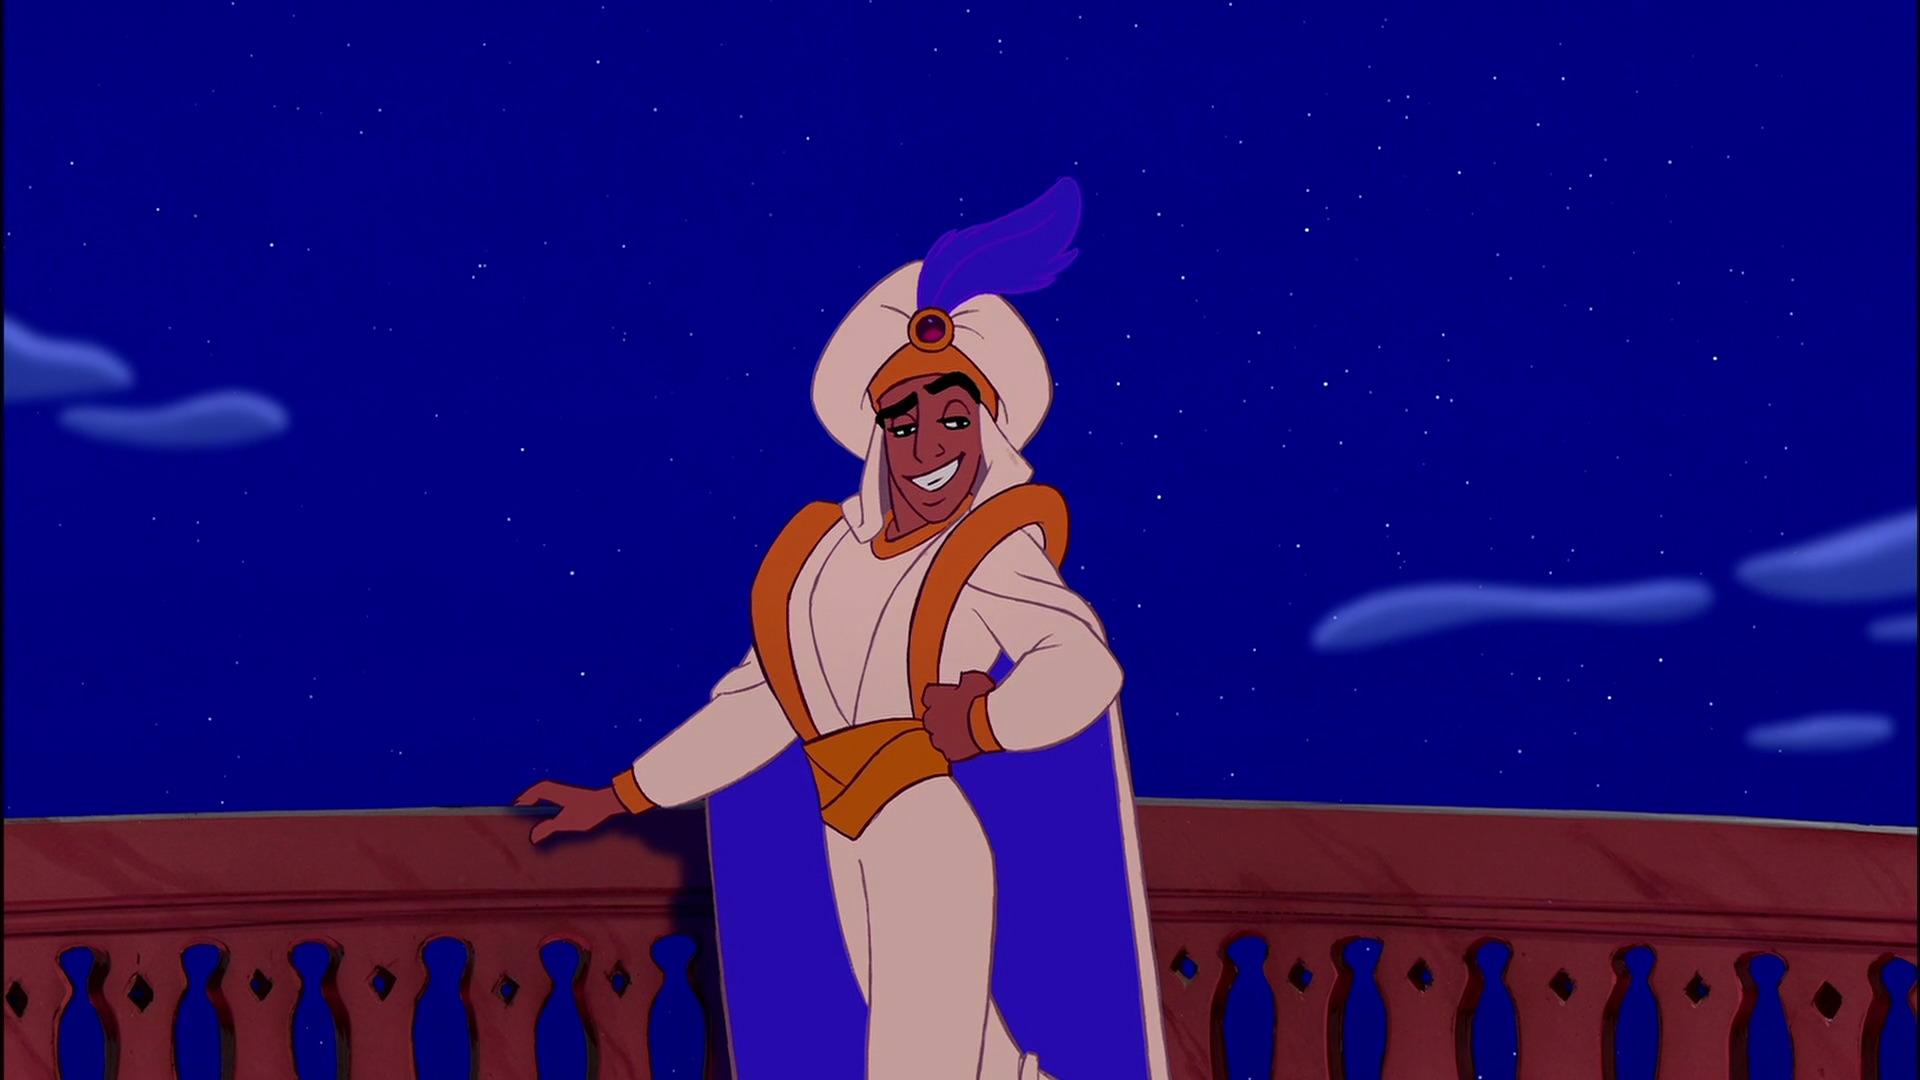 Disney объявил кастинг арабских актеров для фильма «Аладдин»